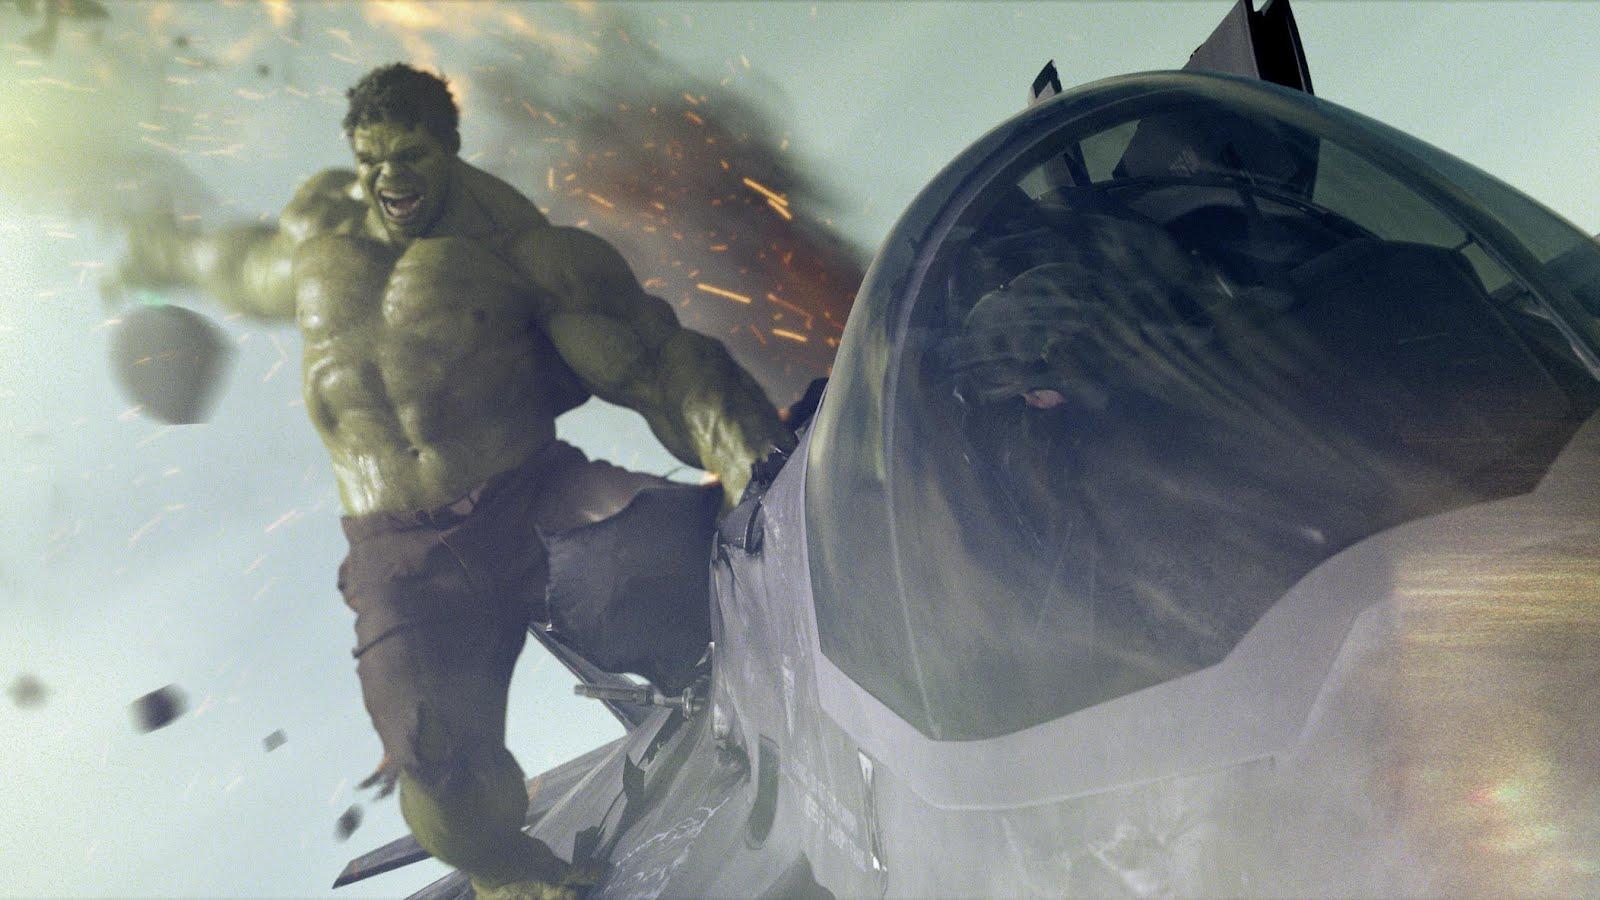 http://2.bp.blogspot.com/-WnPfvBdgPC4/T4gsixXwPpI/AAAAAAAAANE/dSwOYWE11ss/s1600/Marvels-The_Avengers%2B%252810%2529.jpg